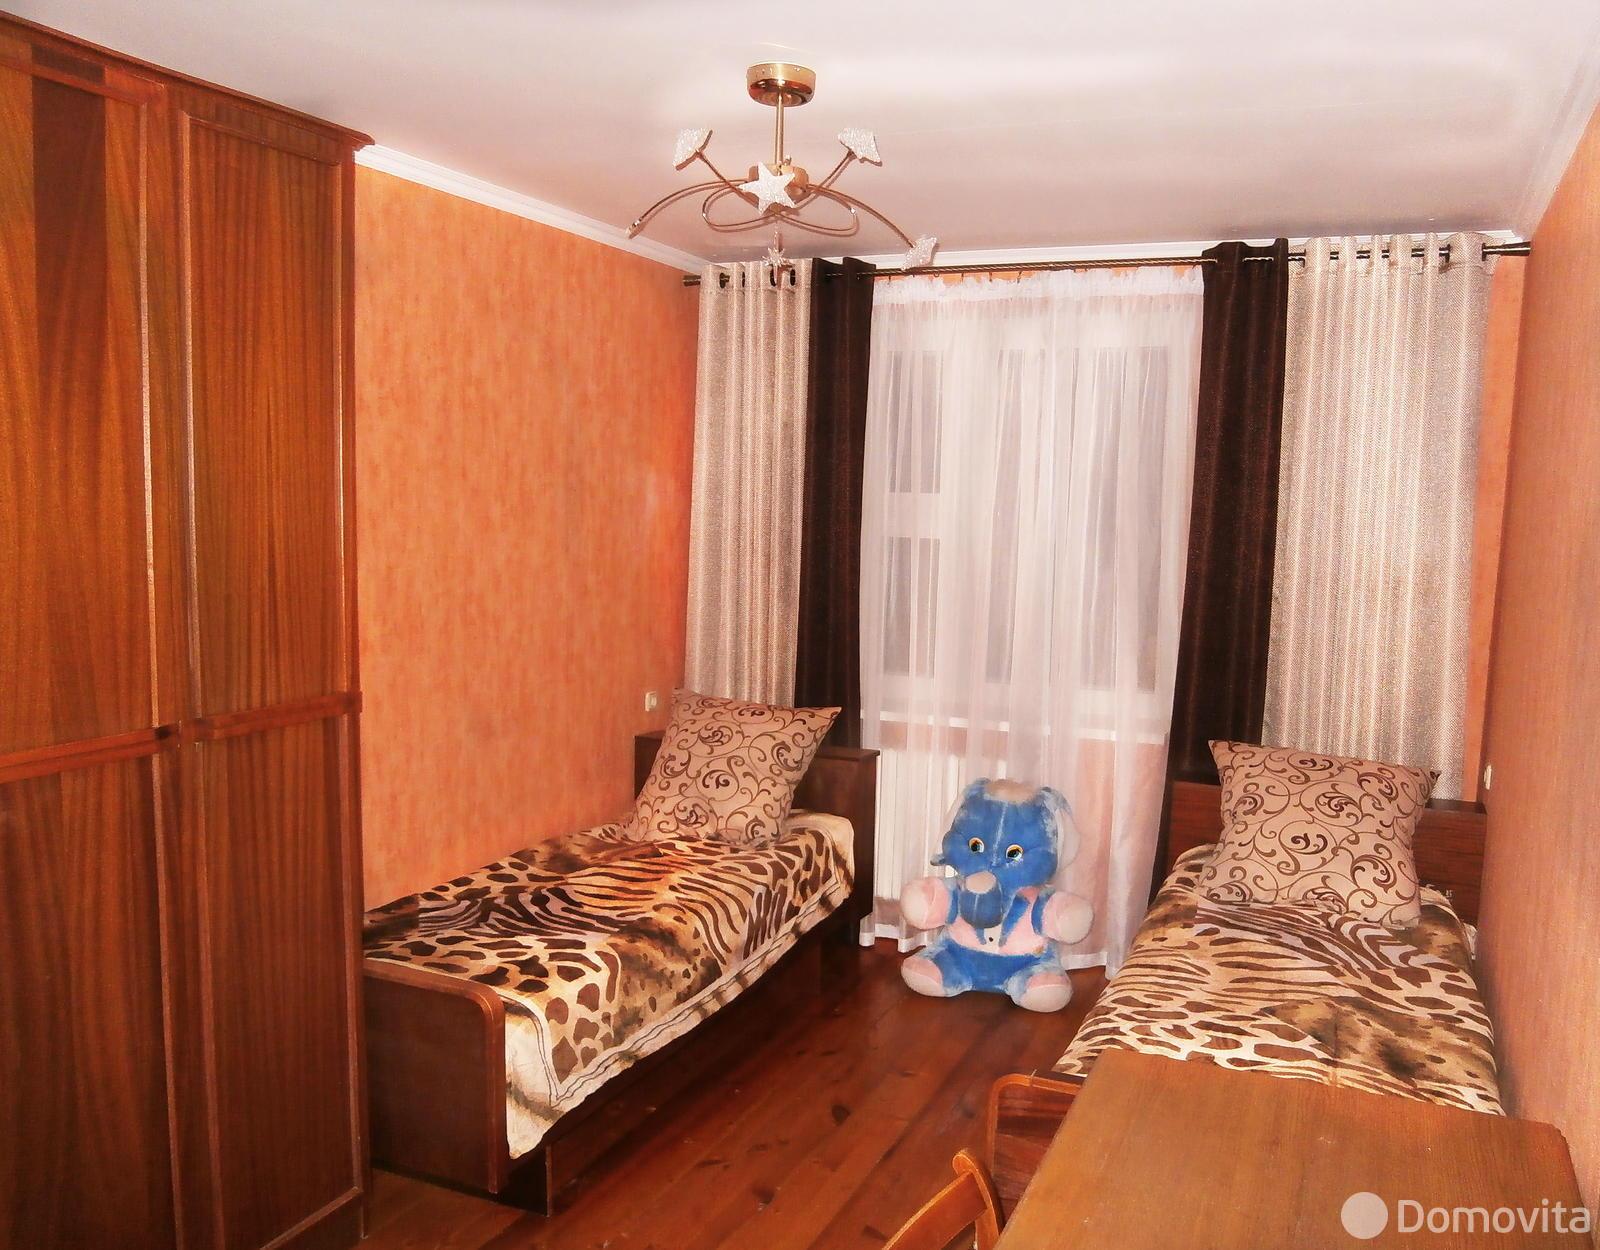 3-комнатная квартира на сутки в Осиповичах, ул. Сумченко, д. 83 - фото 4